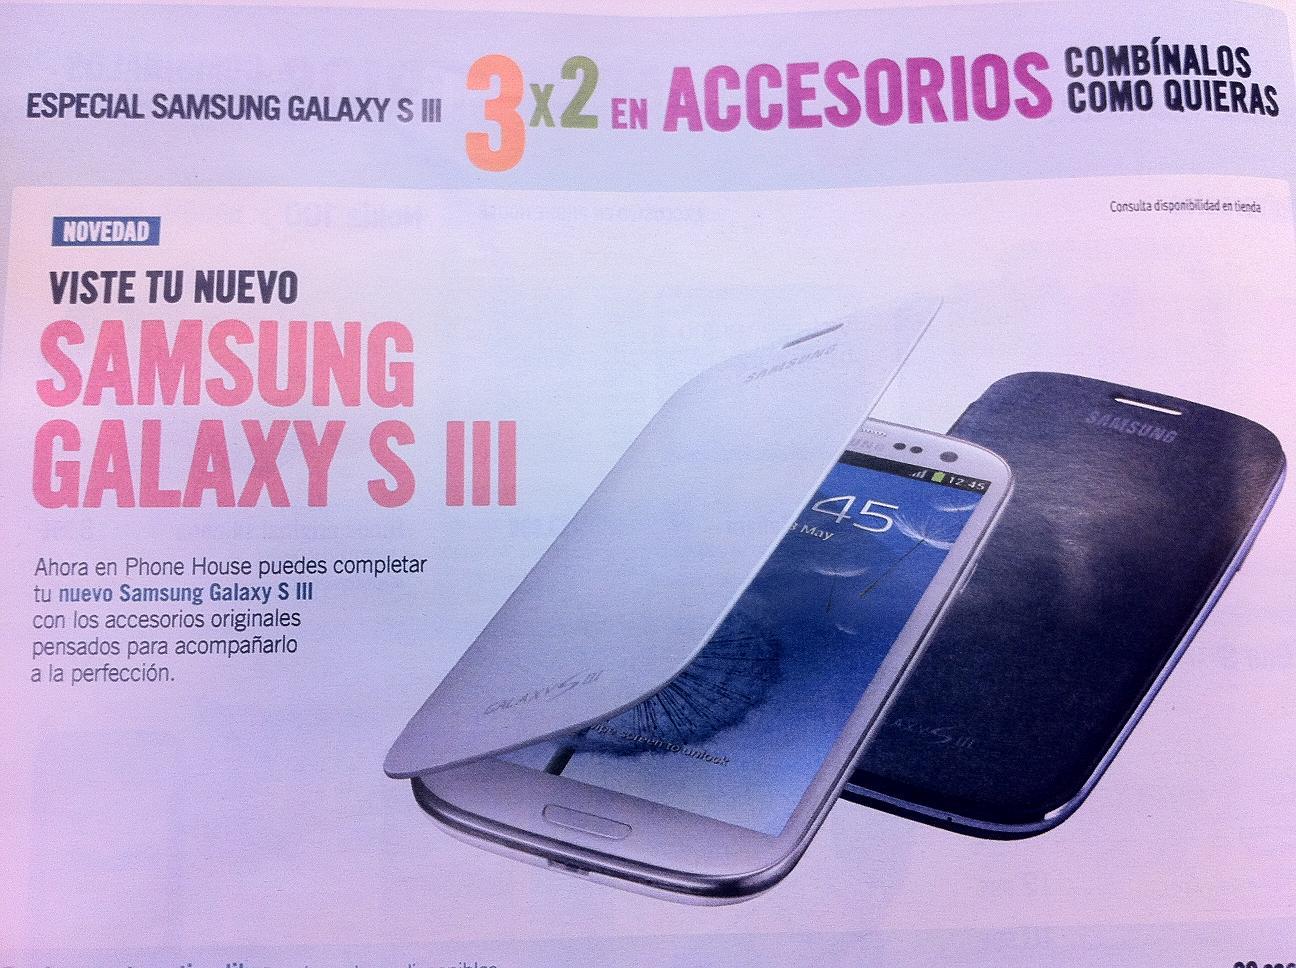 Equipa tu Galaxy S 3 con los accesorios en Phone House